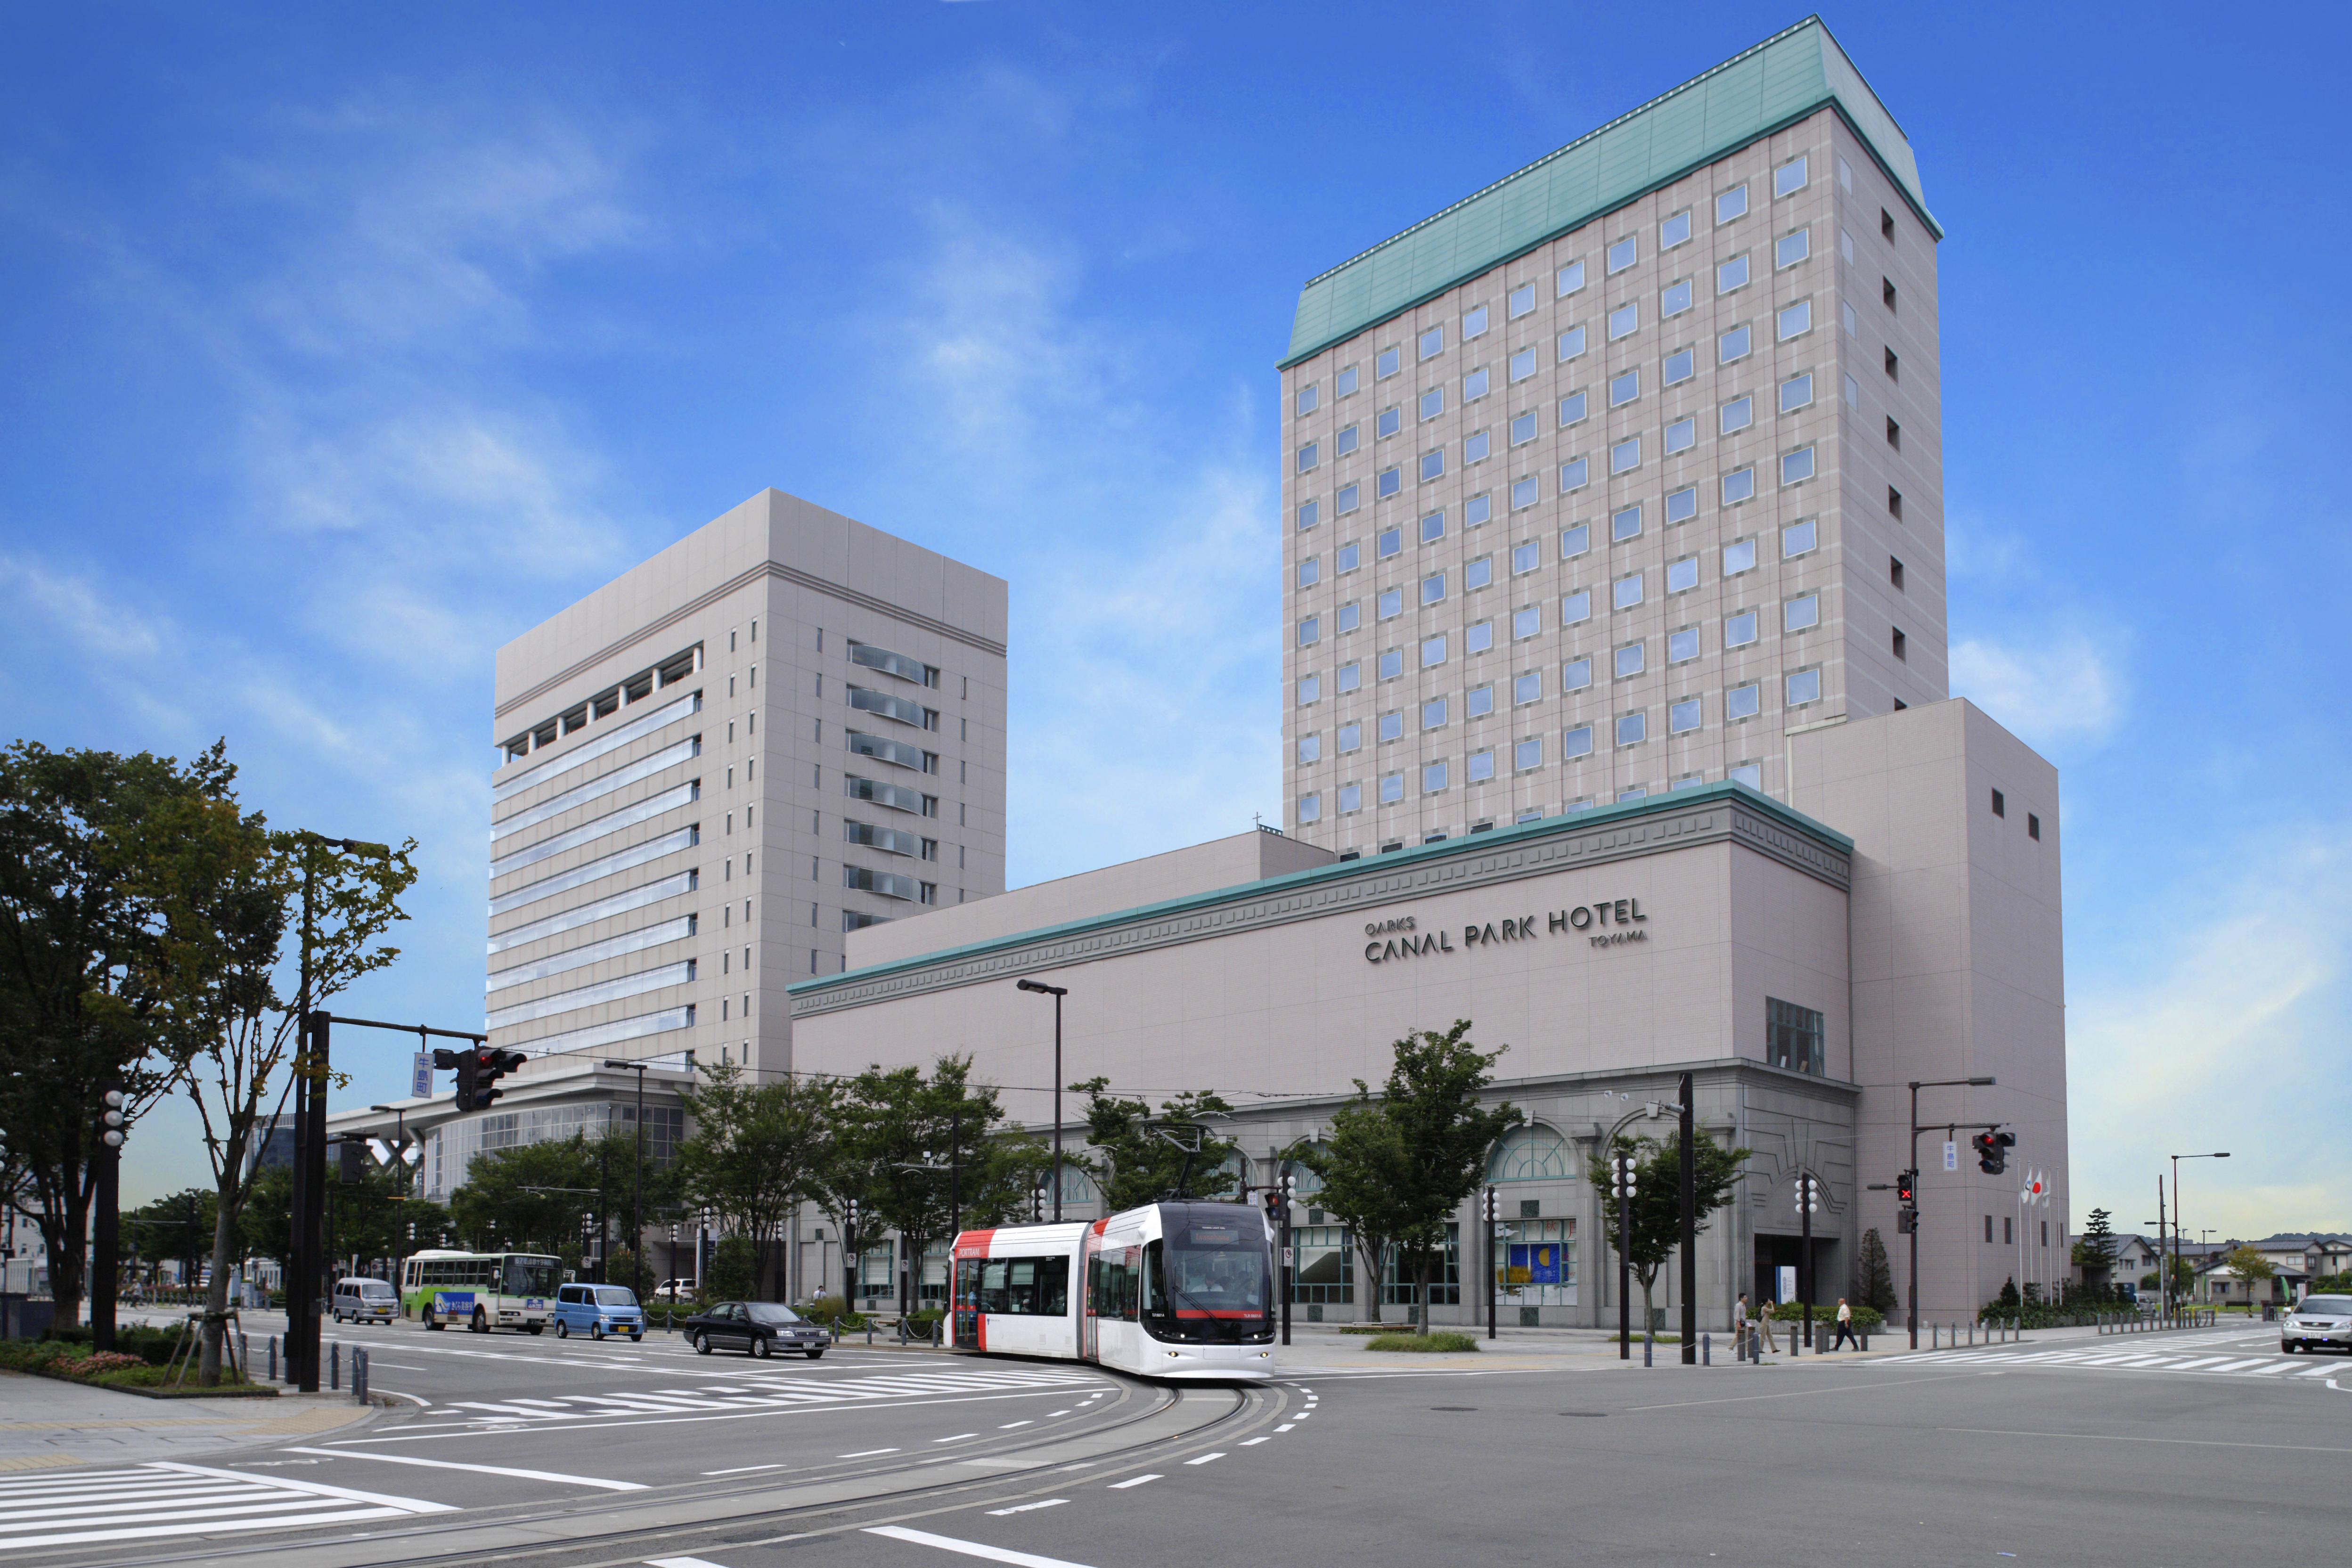 オークスカナルパークホテル富山◆楽天トラベル